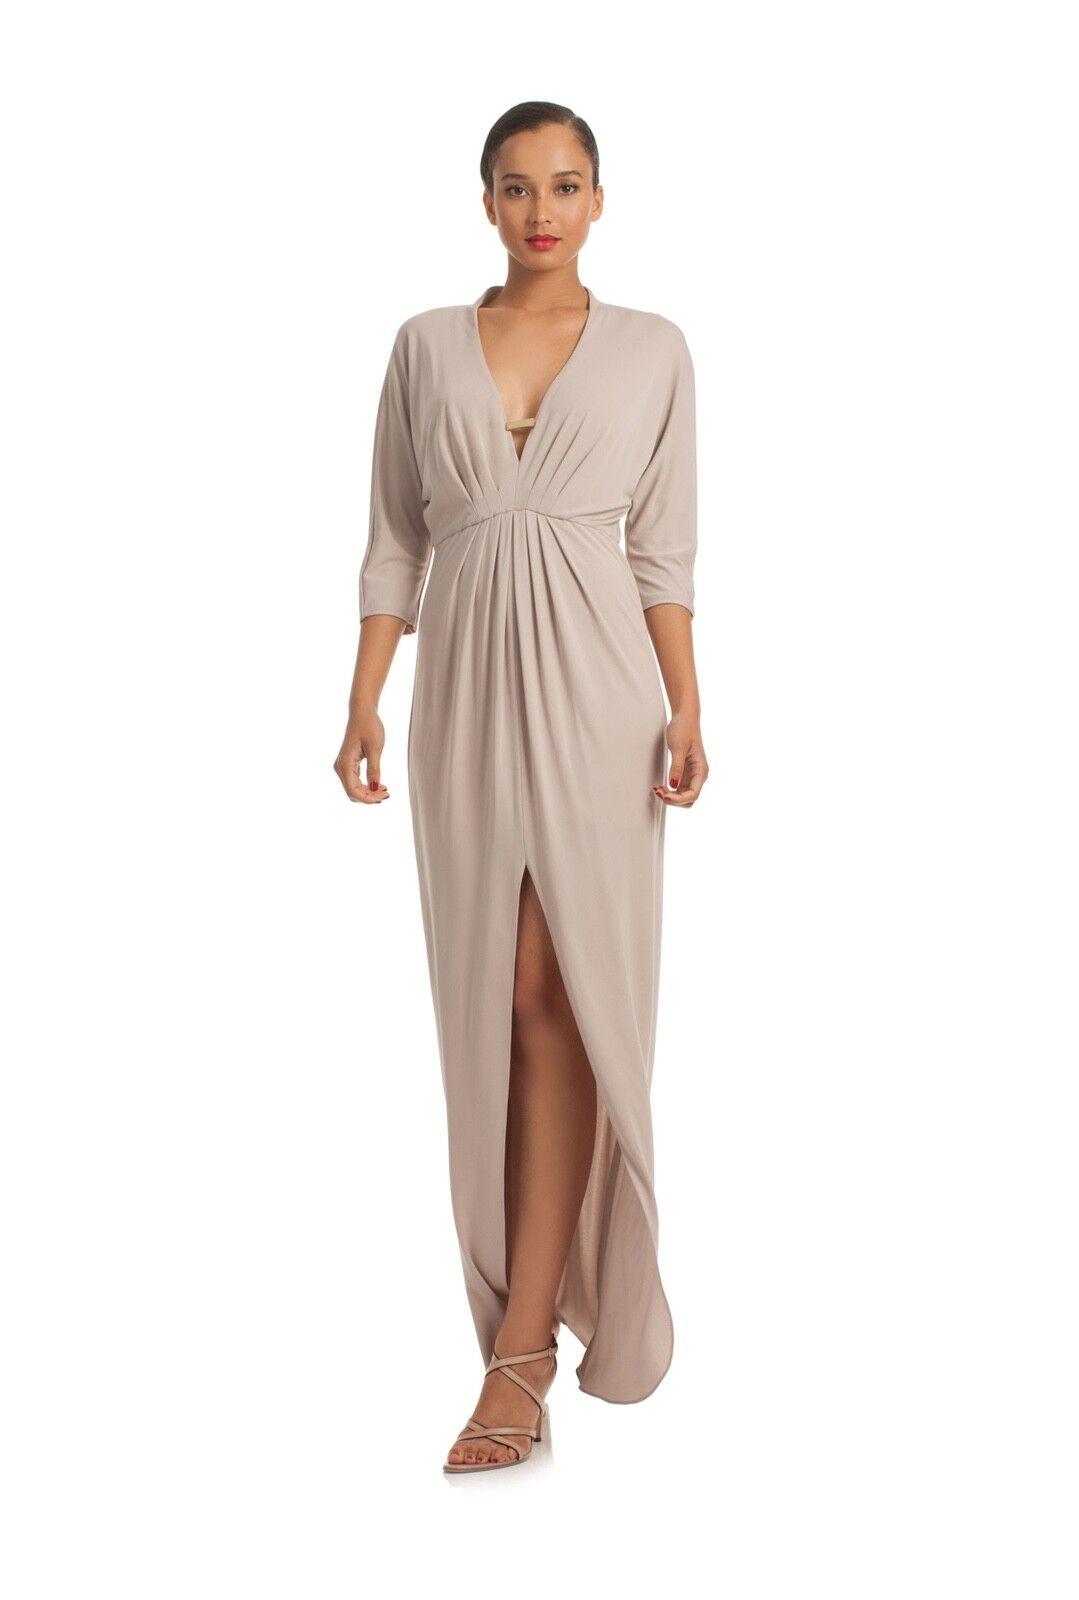 Trina Turk Turk Turk Haute Havana Salsa Maxi Dress- Size 12- Worn Once- Retail  398 d7e1dc